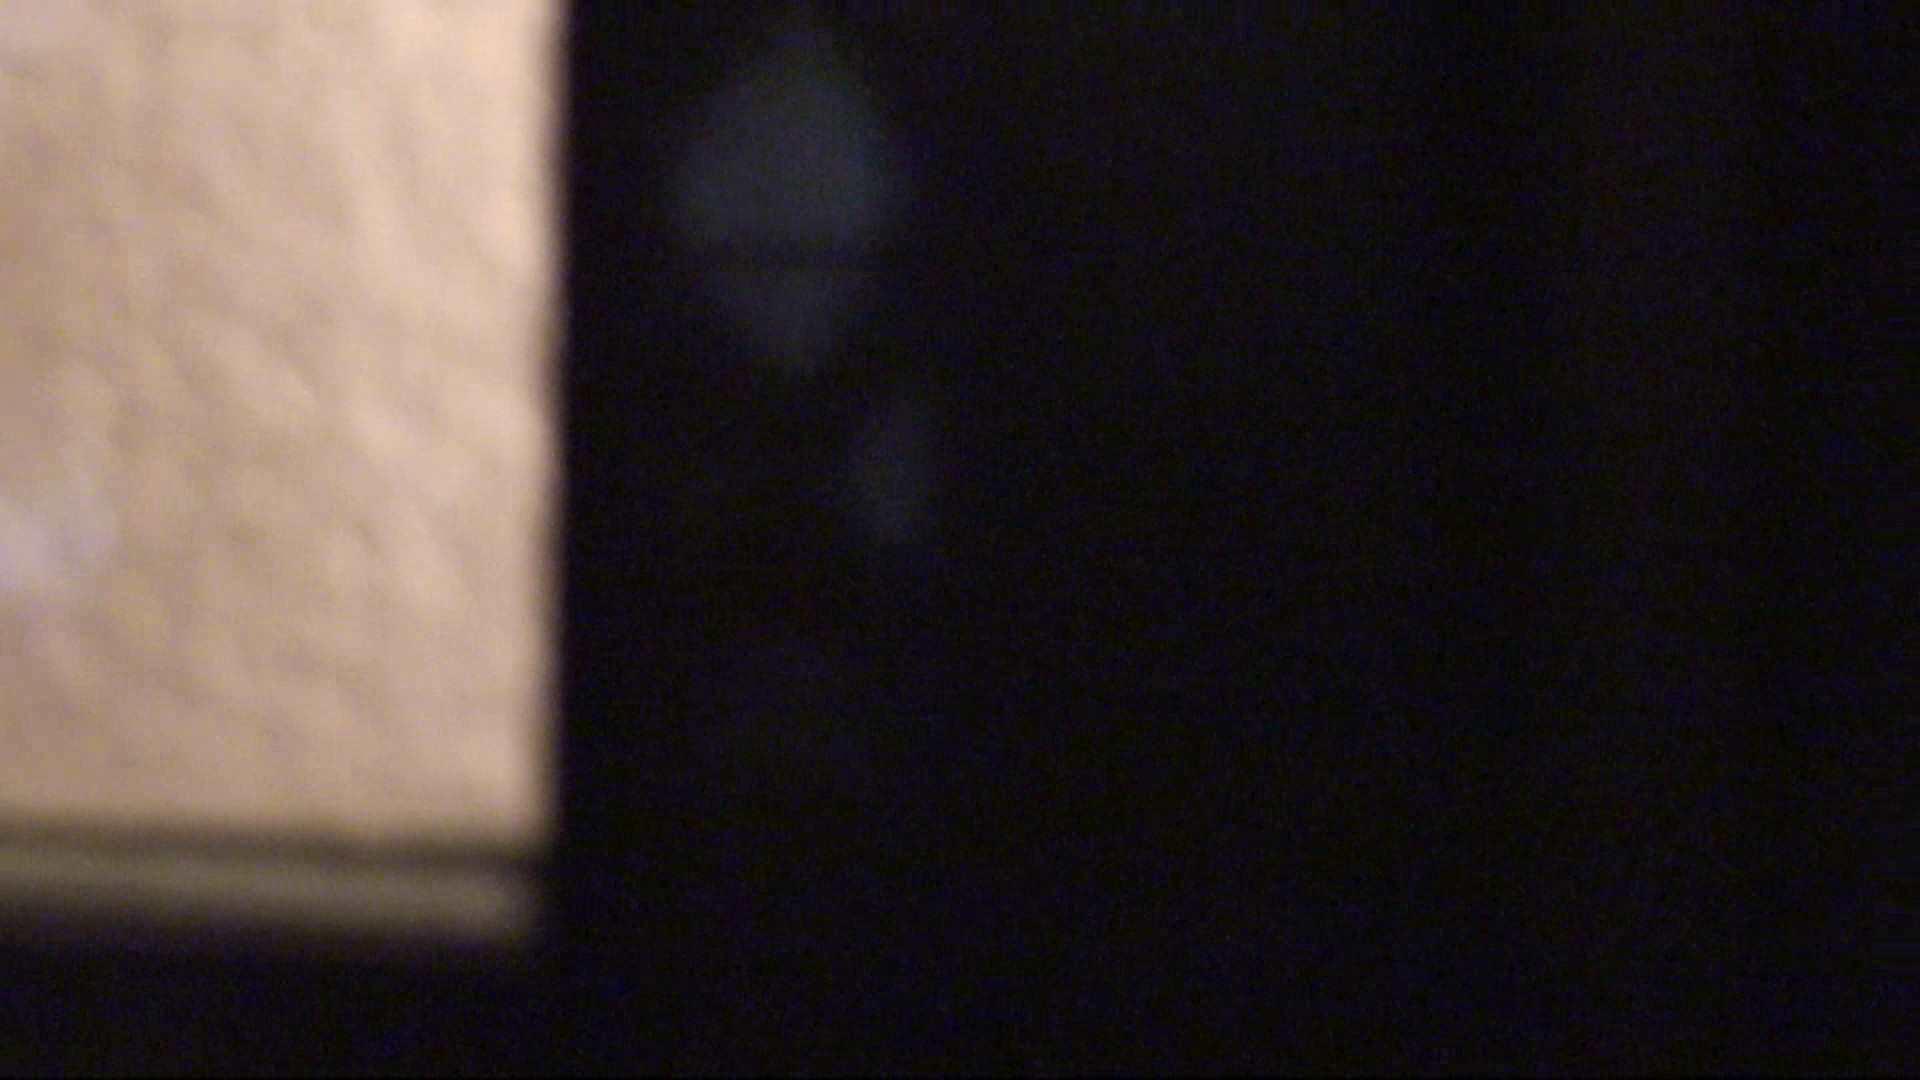 vol.01必見!白肌嬢の乳首が丸見え。極上美人のすっぴん顔をハイビジョンで! 民家  21pic 7